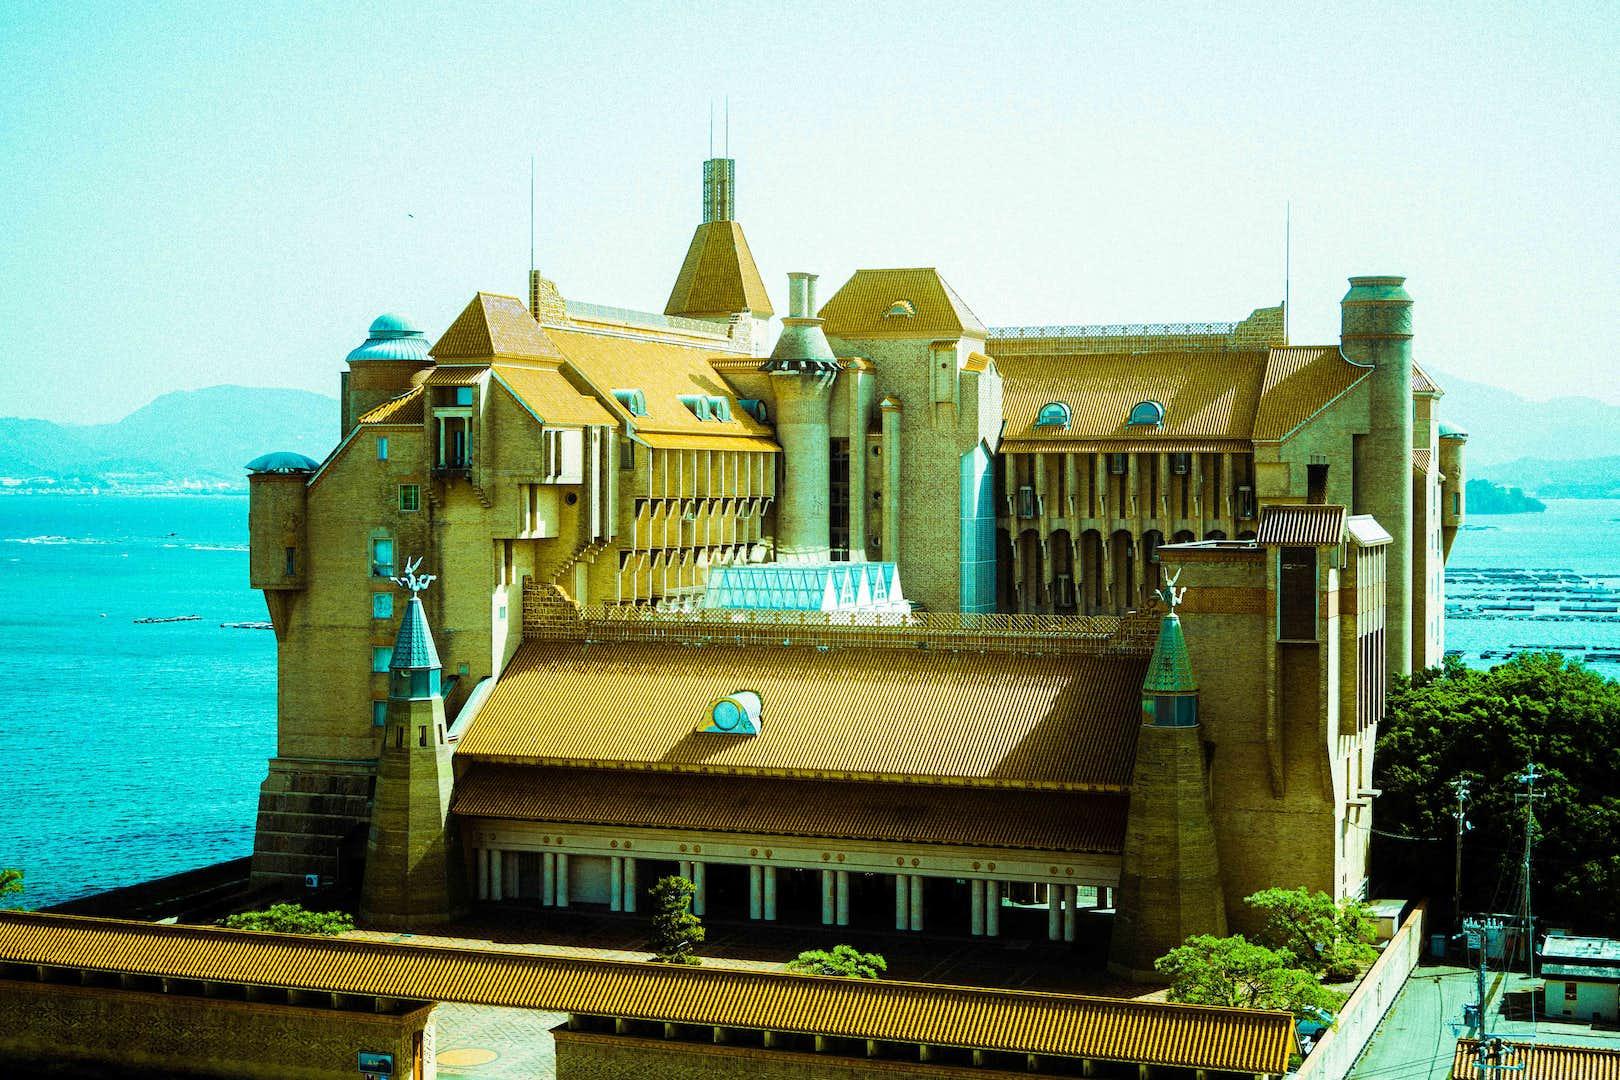 目印は豪華絢爛な建築。ホテル川久が「川久ミュージアム」として本格始動へ